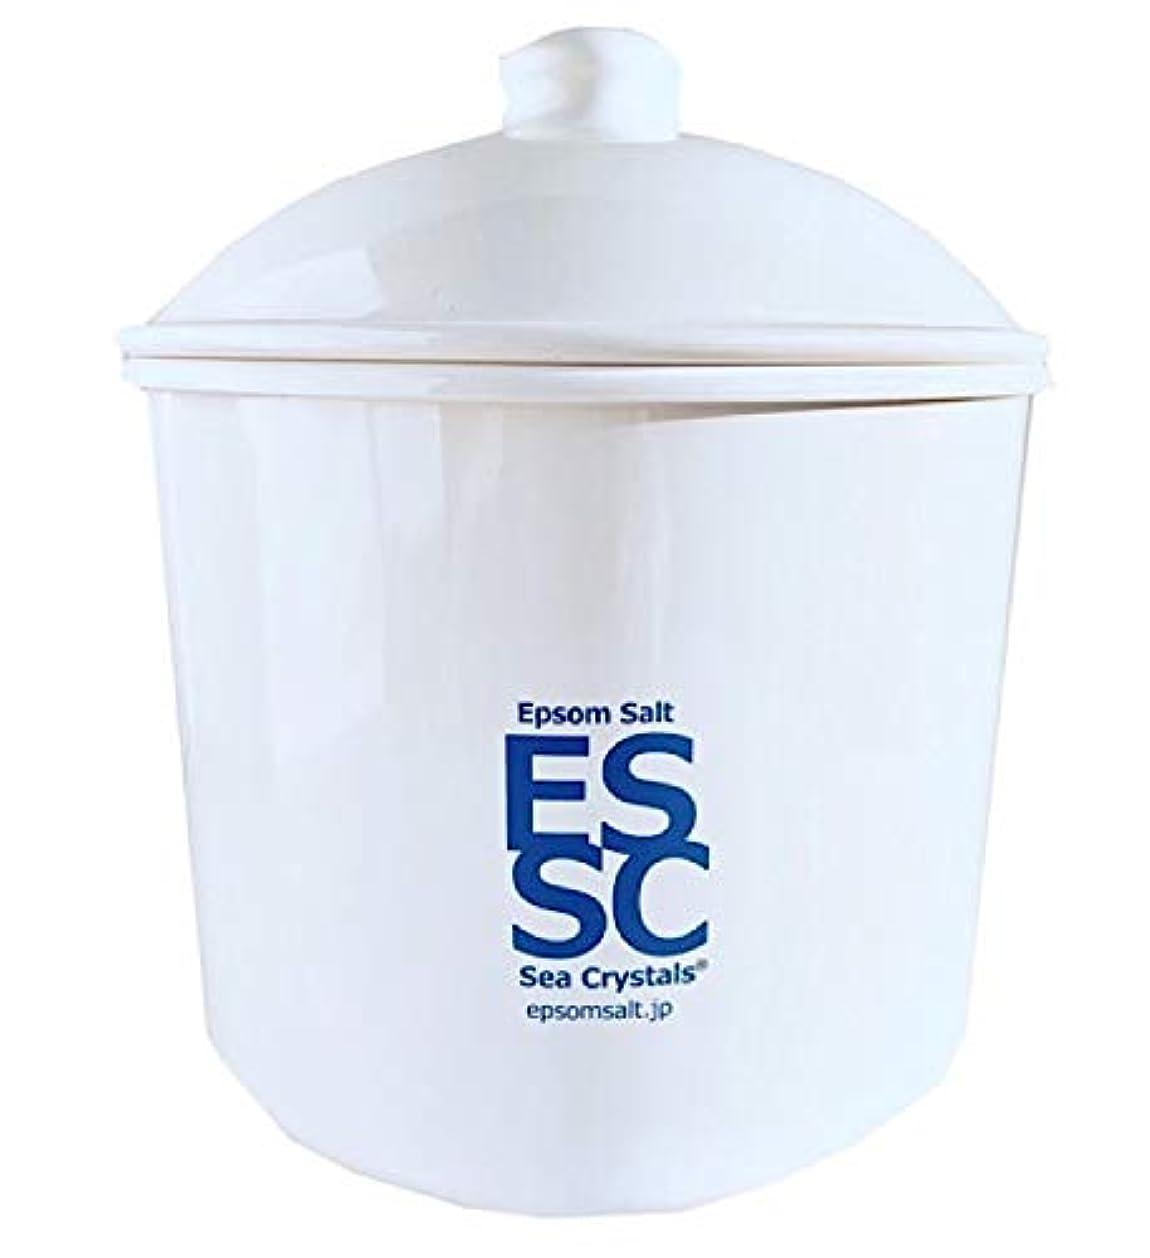 ブランチ不条理マークシークリスタルス 国産 エプソムソルト 入浴剤 ケース入り2.2kg 約14回分 計量スプーン付き 無香料 硫酸マグネシウム